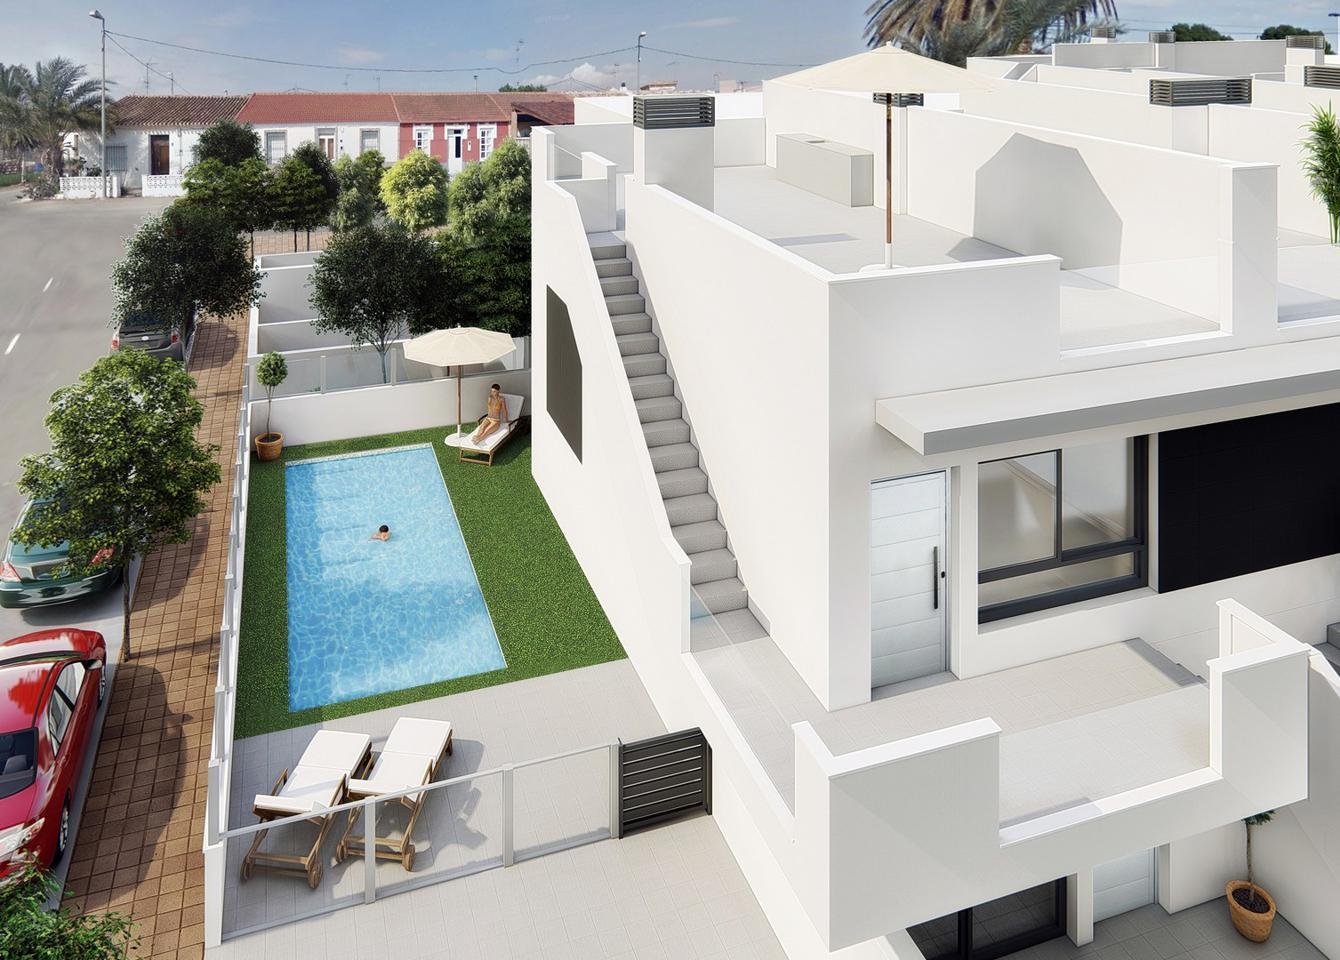 Complejo de 20 bungalows con piscina comunitaria y cocina de verano en lo pagán - imagenInmueble0